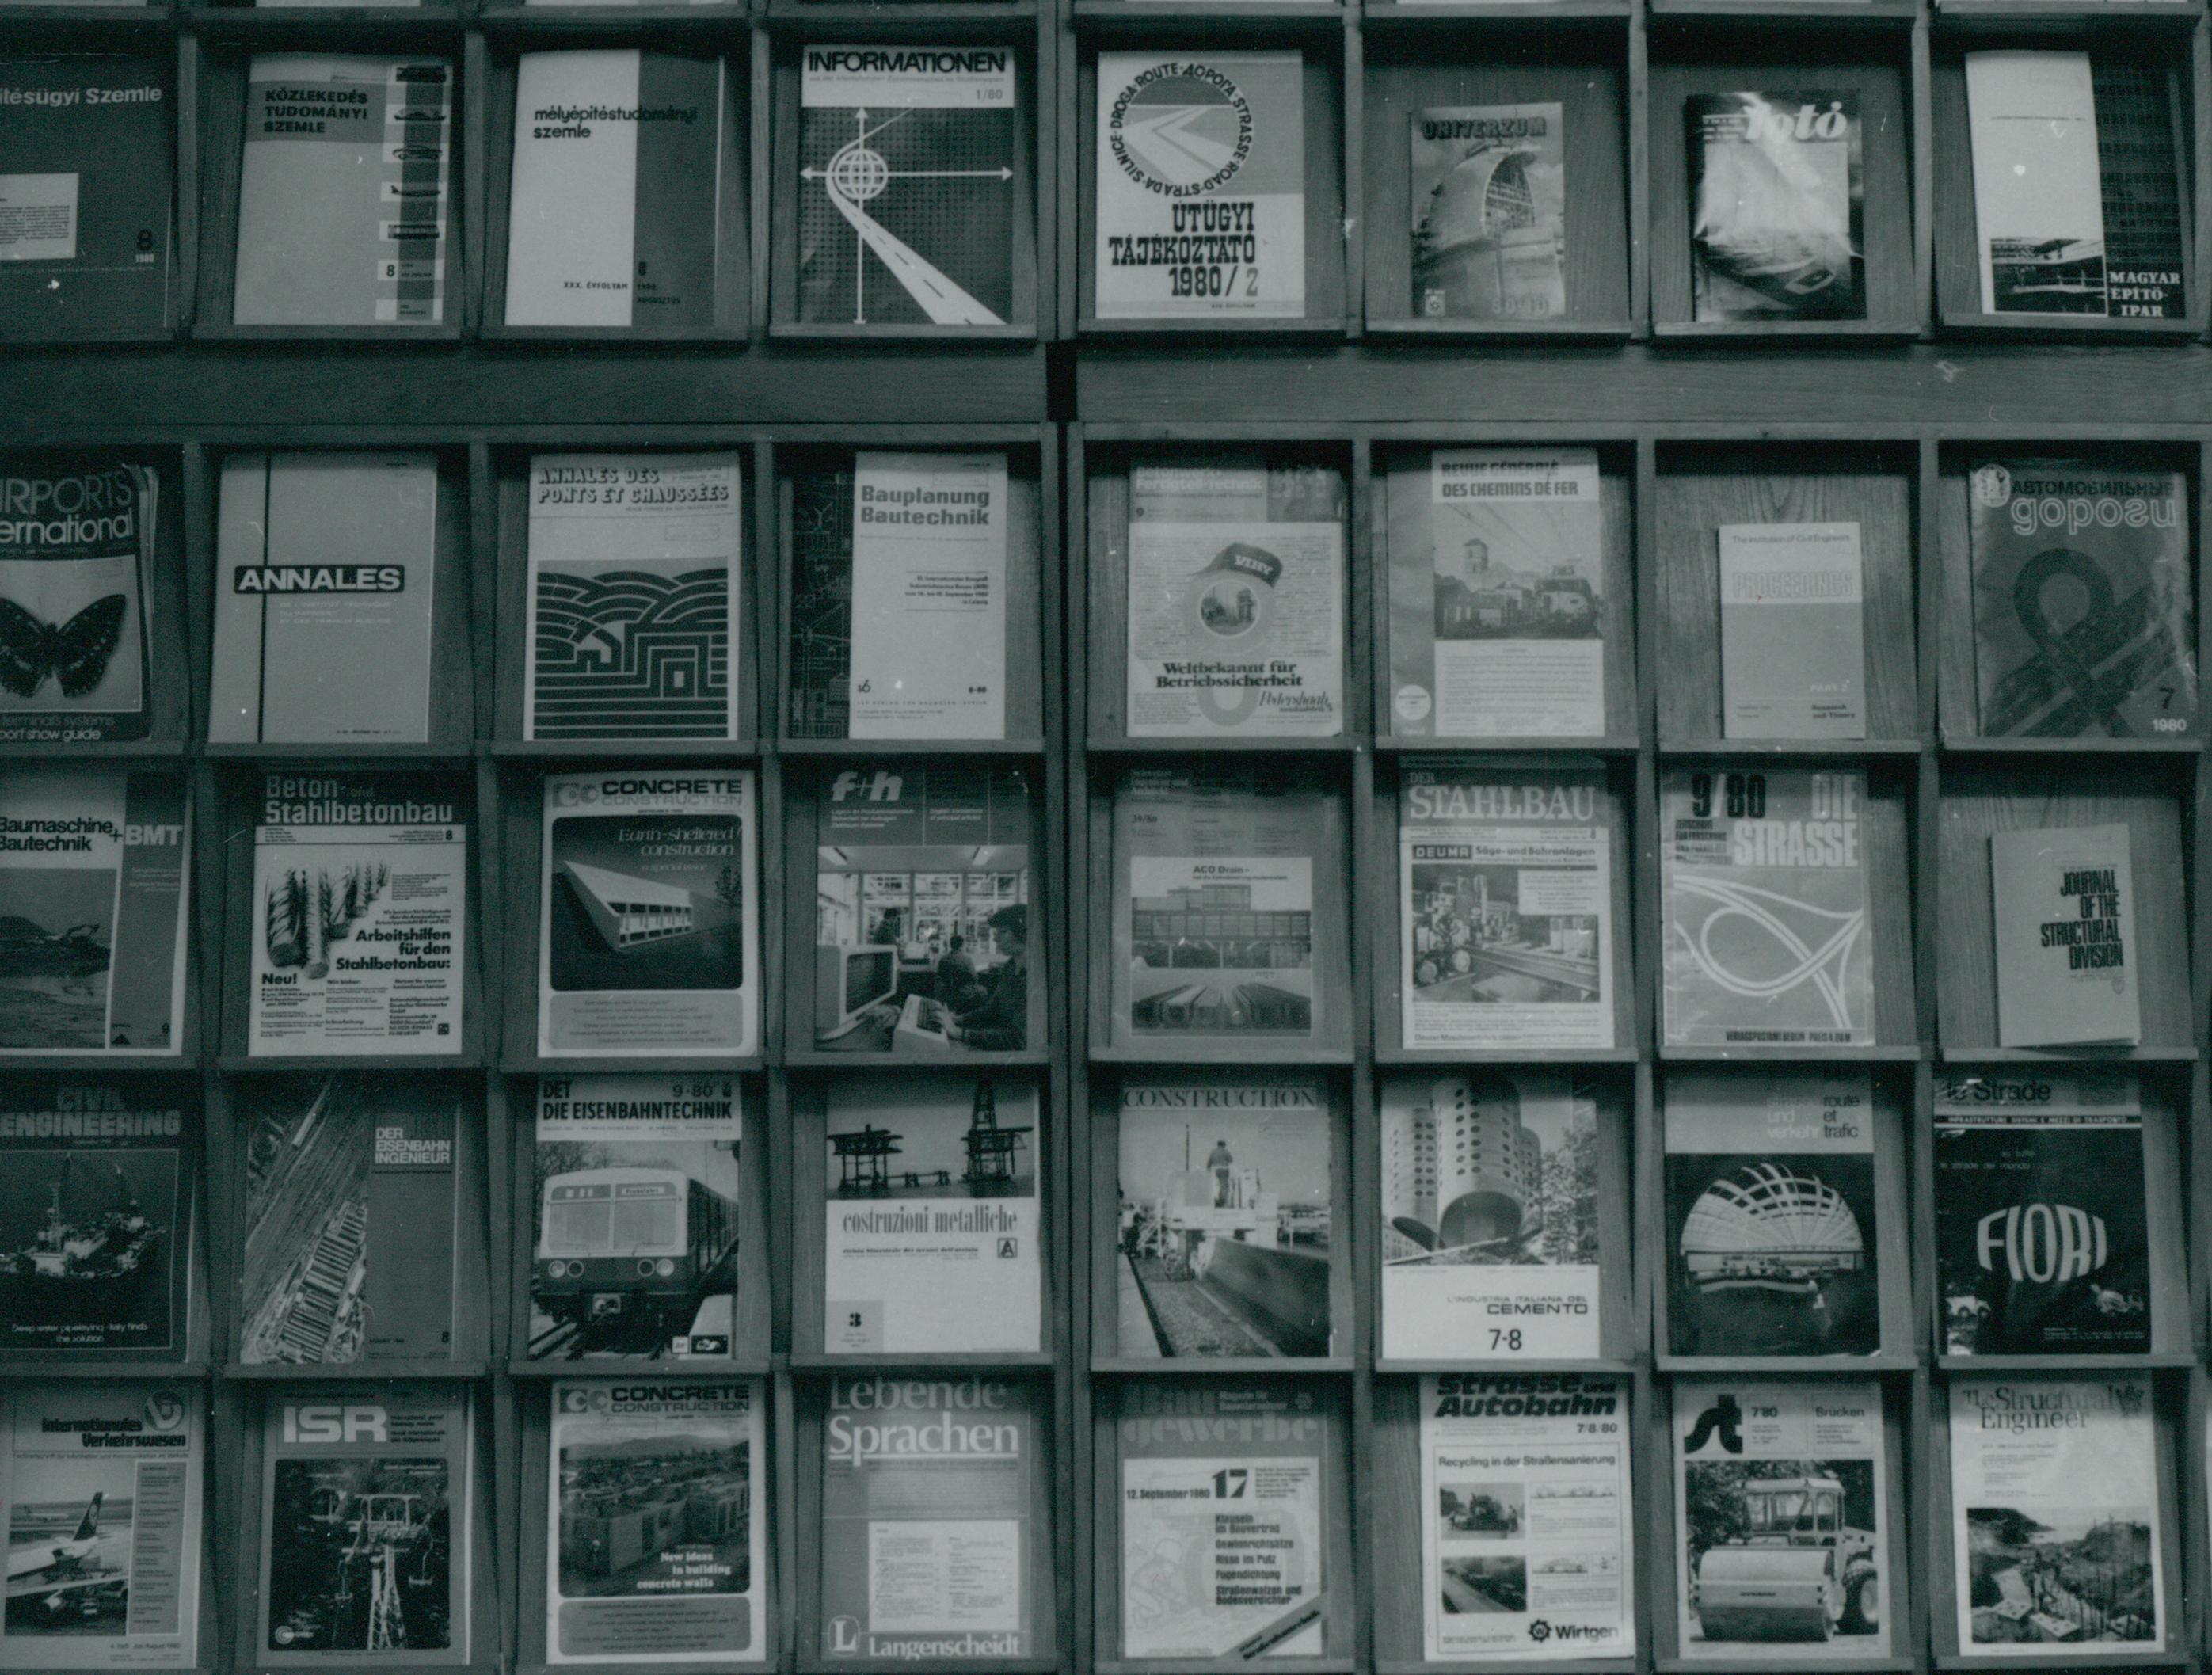 Folyóiratpolc egy könyvtárban